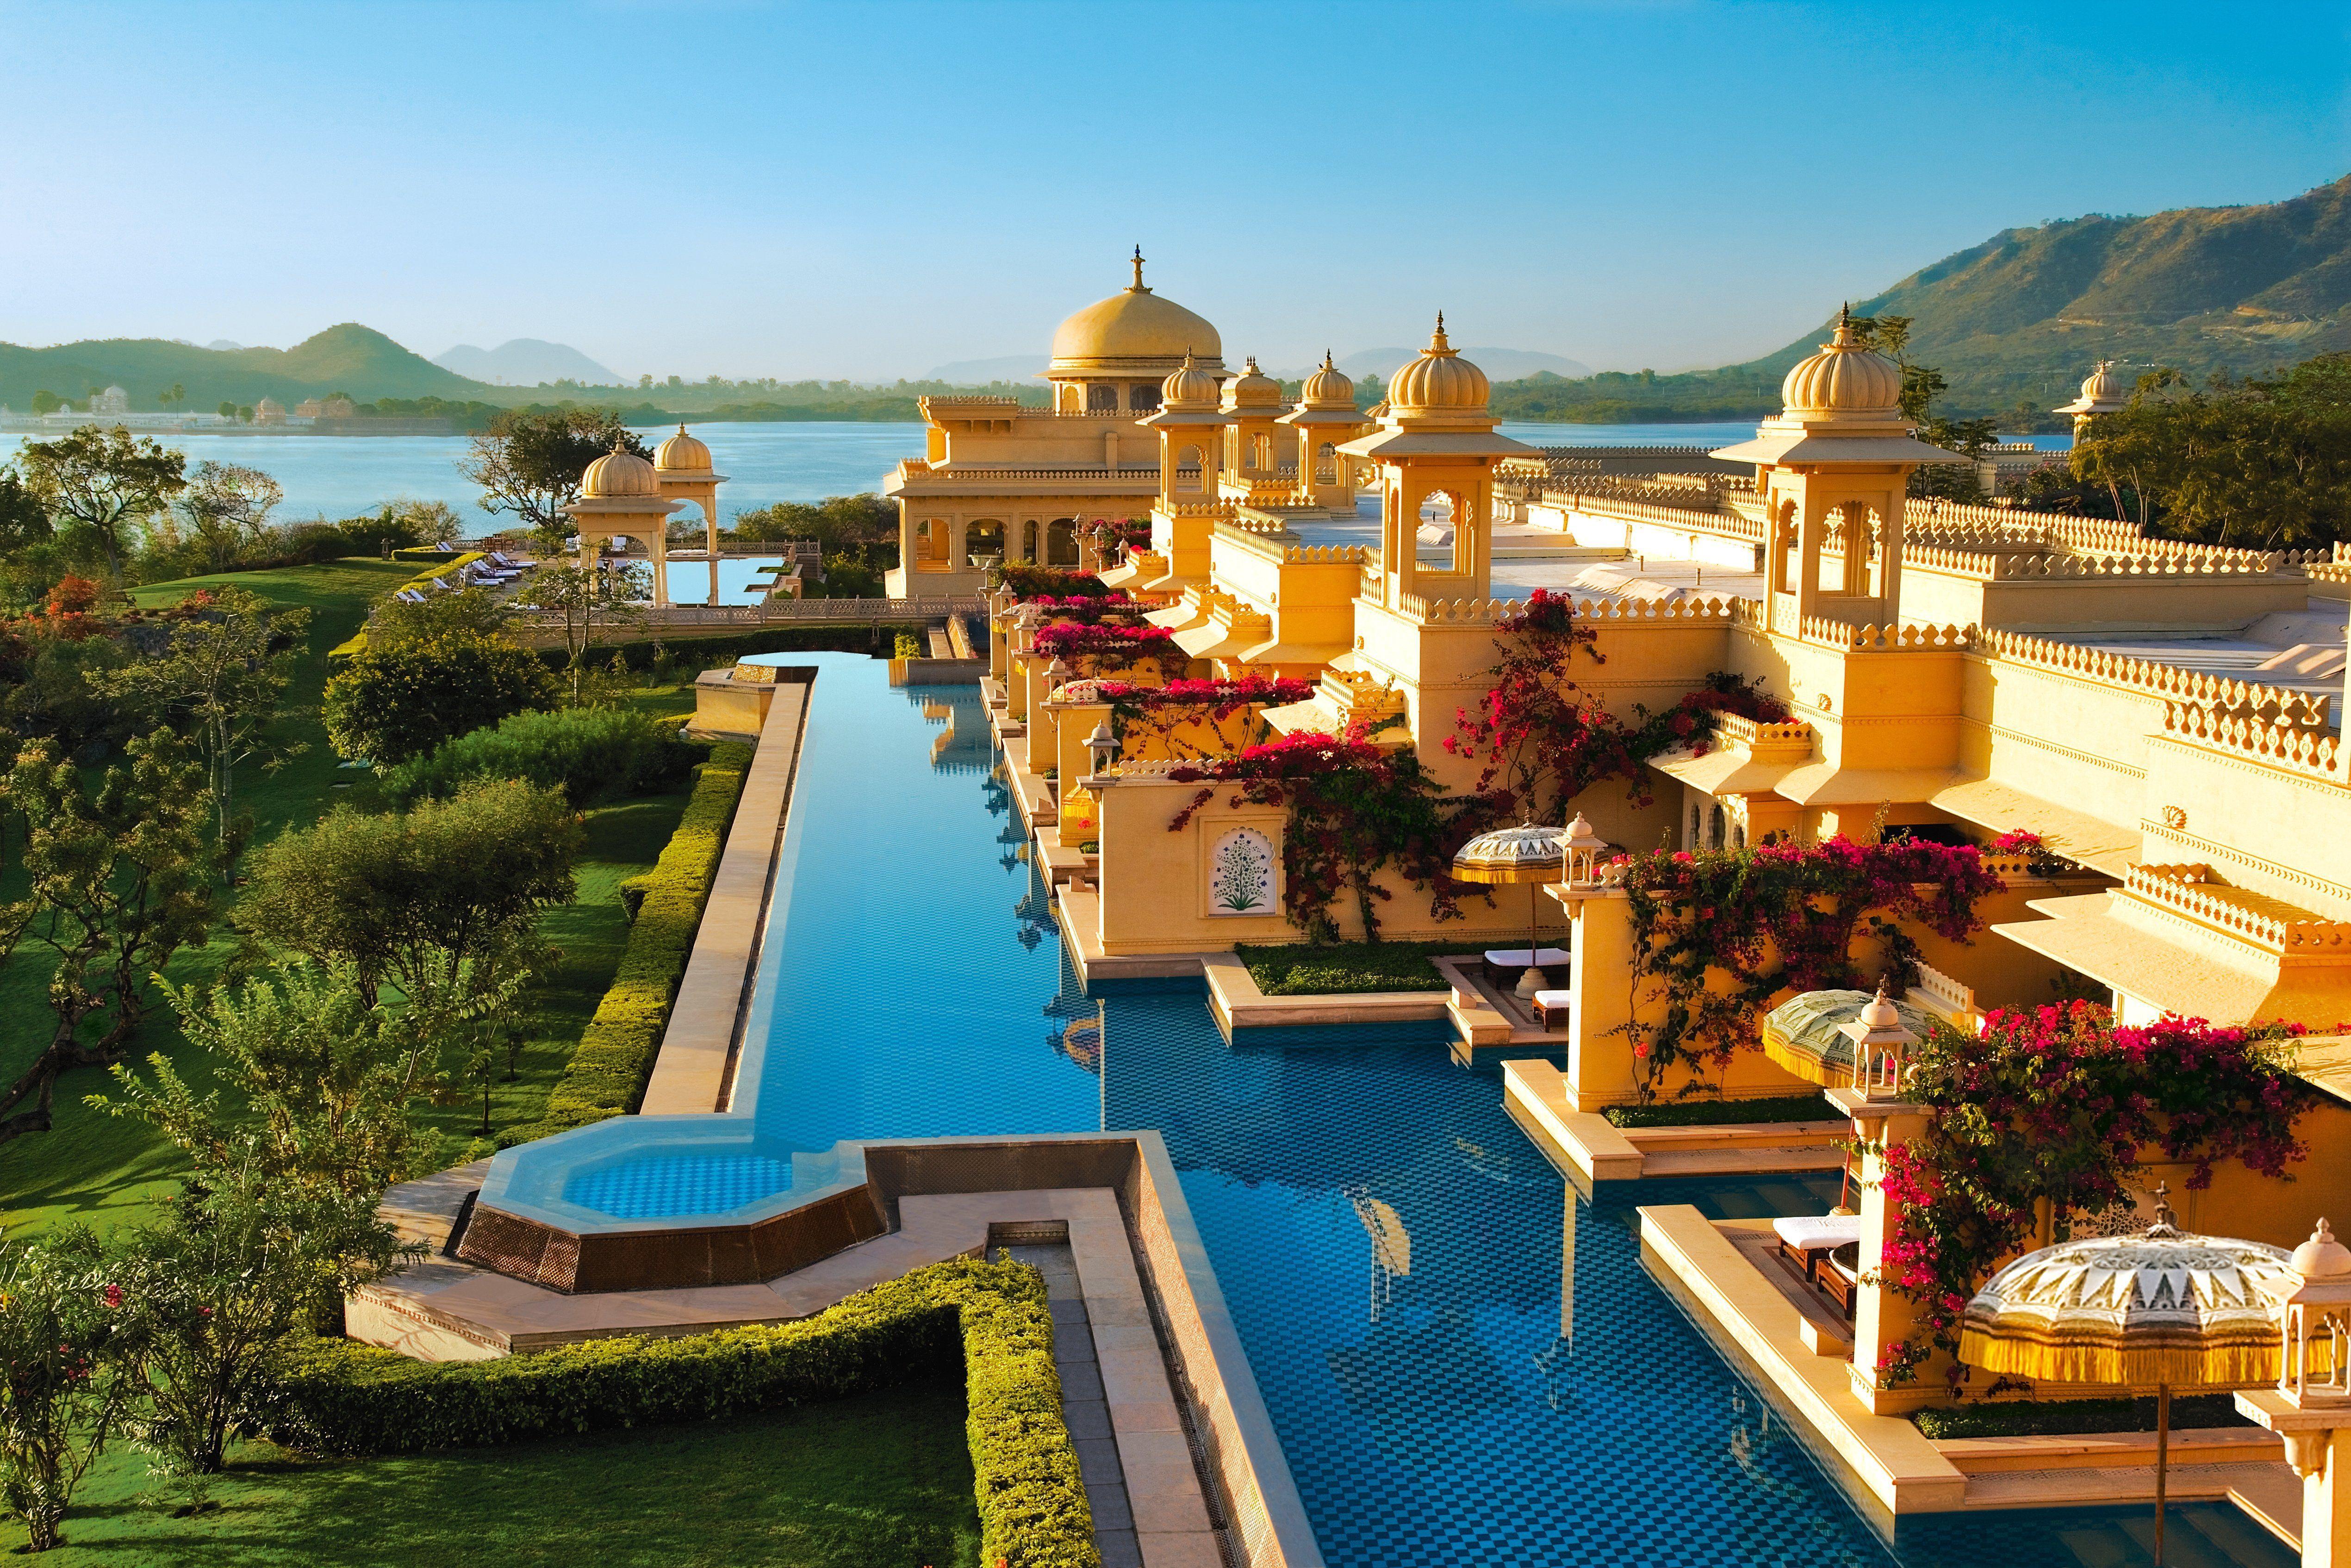 Hình nền Ấn Độ HD 5080x3388 - Hình nền Ấn Độ đẹp nhất và hấp dẫn nhất